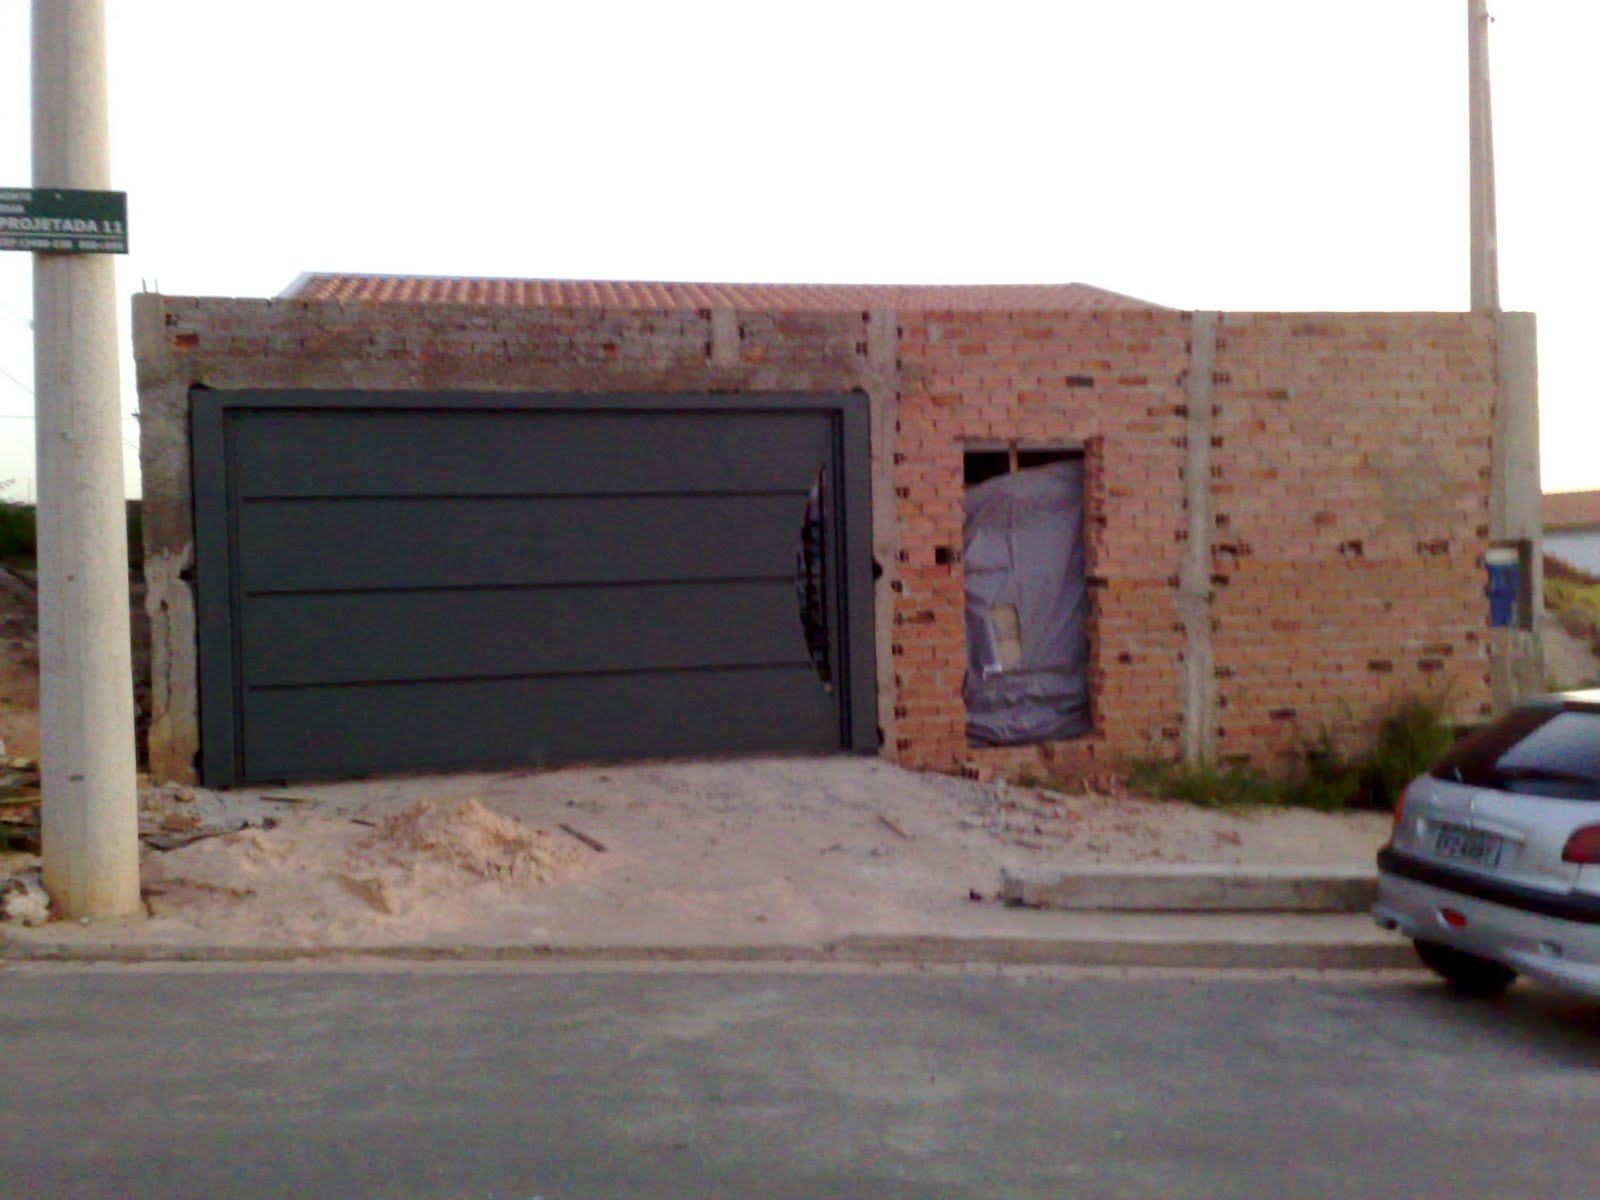 Super Passo a passo da construção da minha primeira casa: O Portão está  WX44